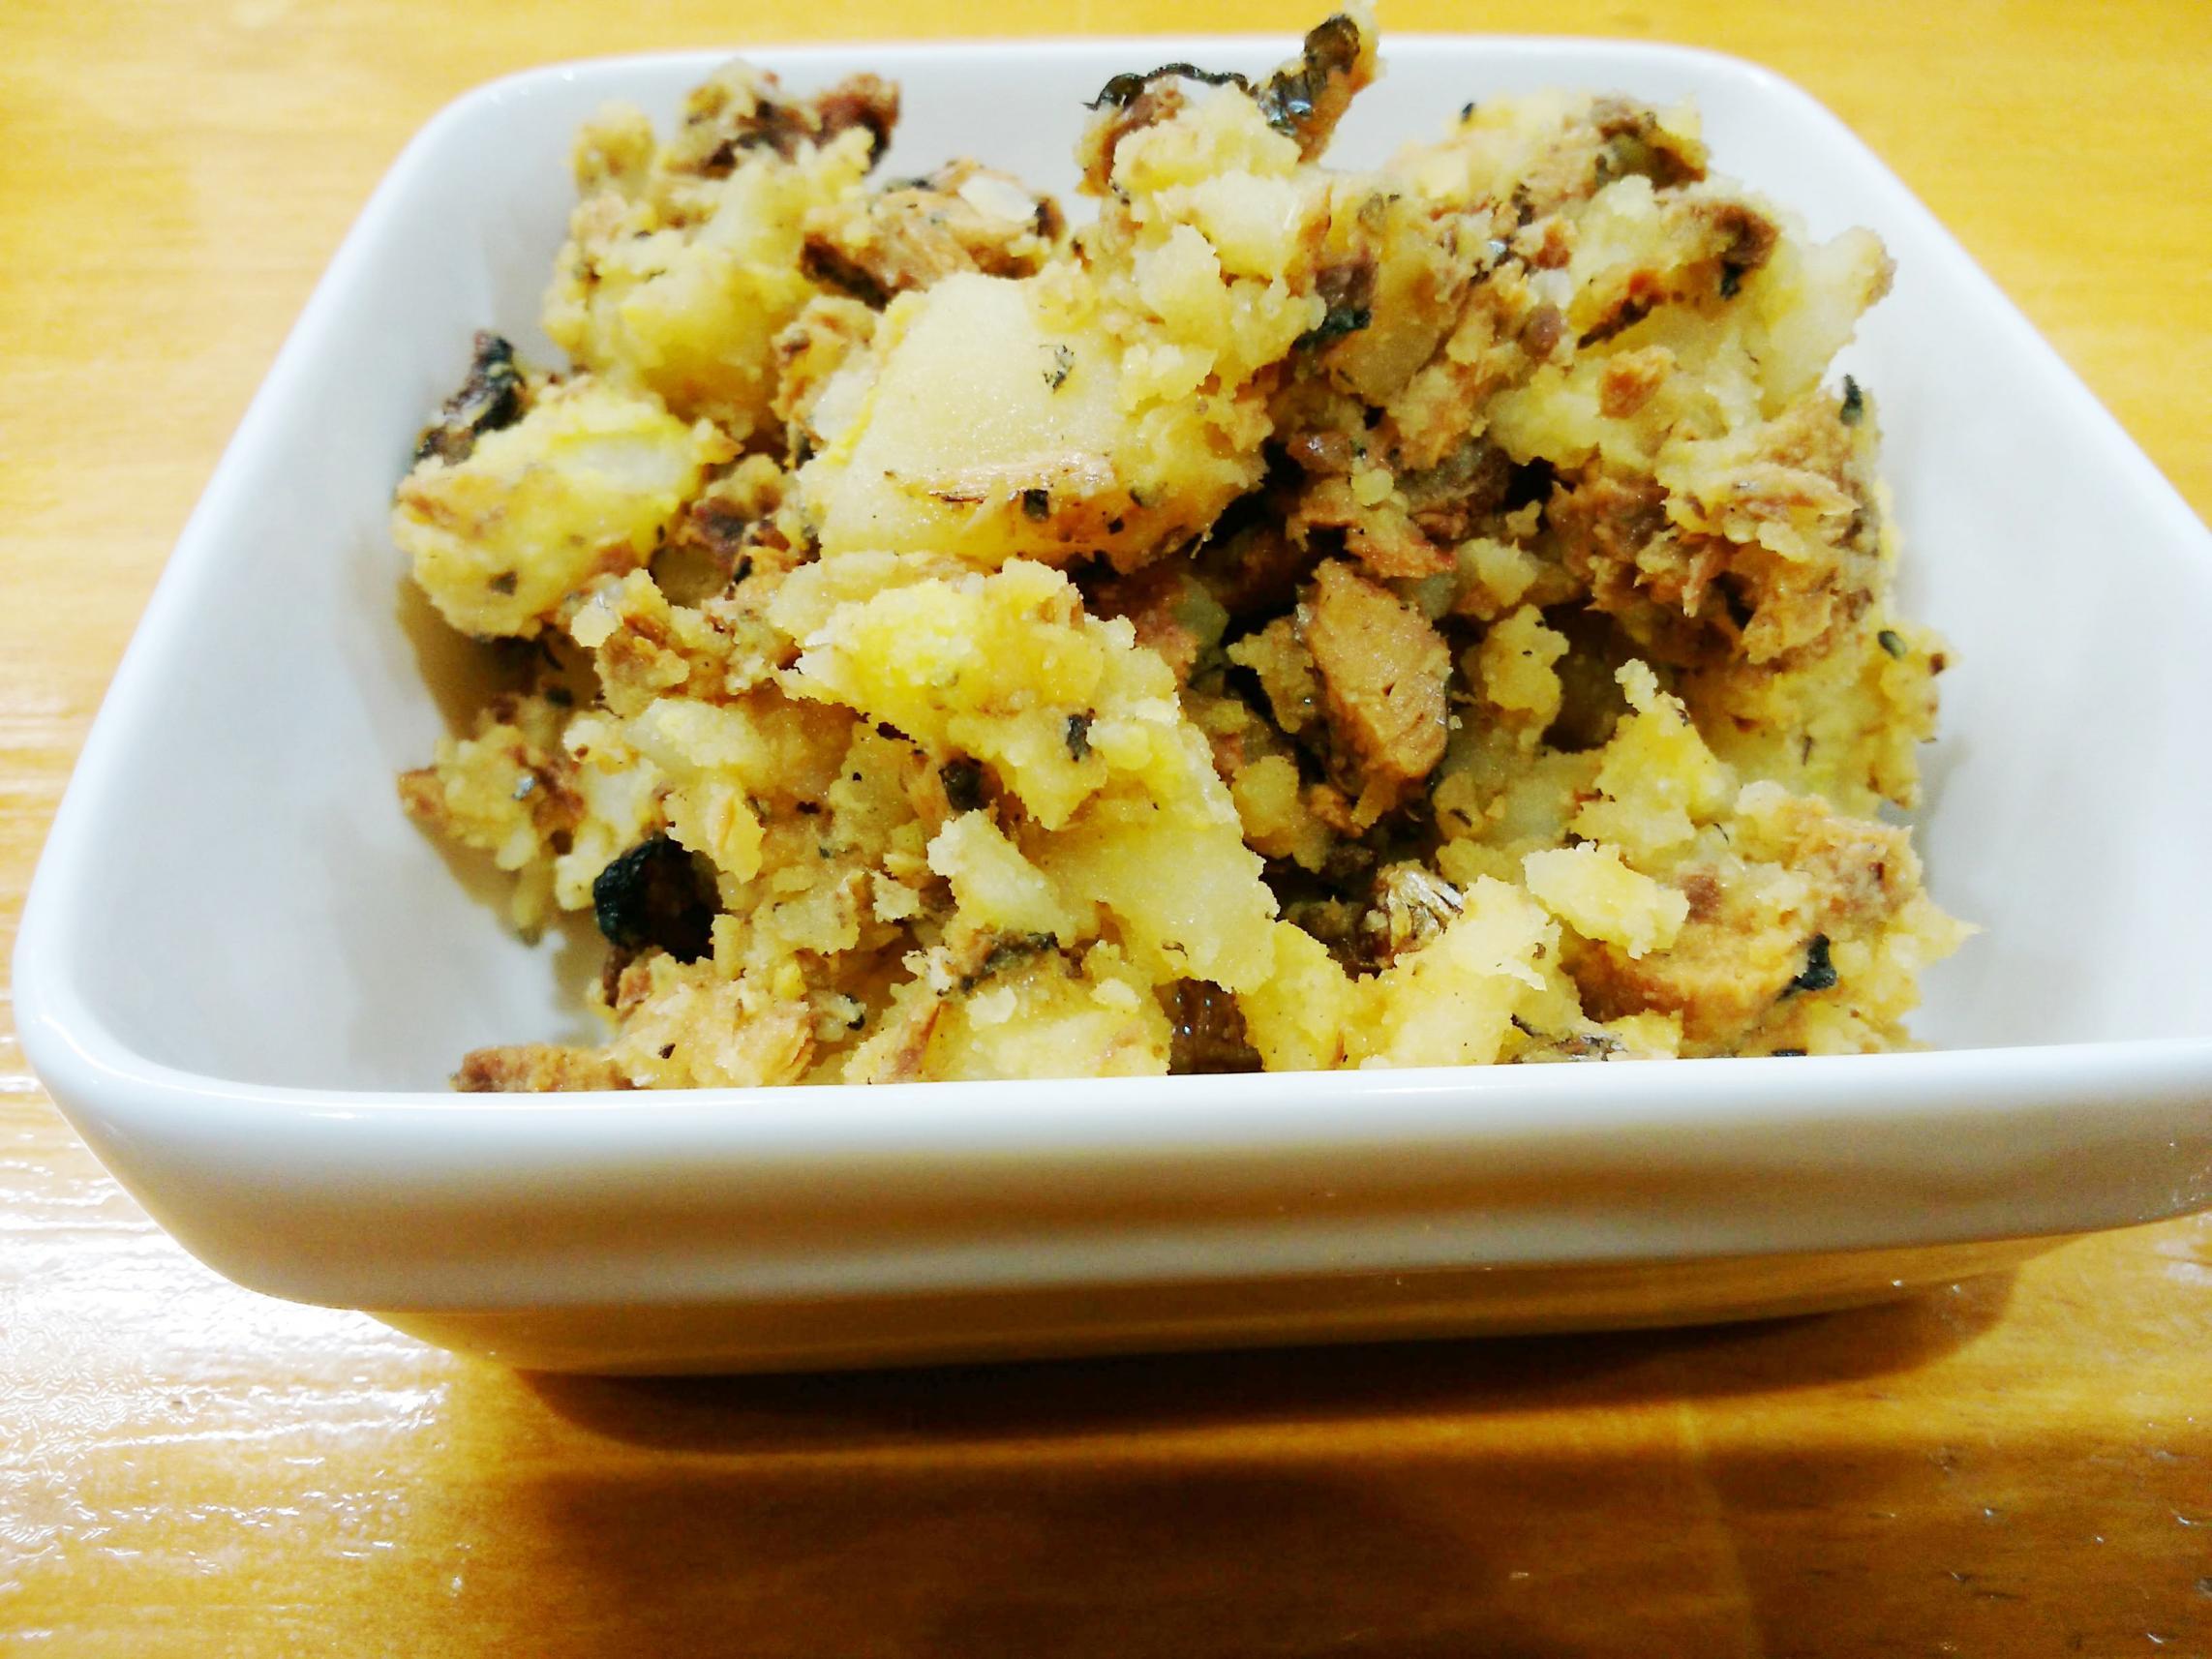 茨木市のたこ焼き店、摂津 たこや貴族。サンマ蒲焼のポテトサラダ。